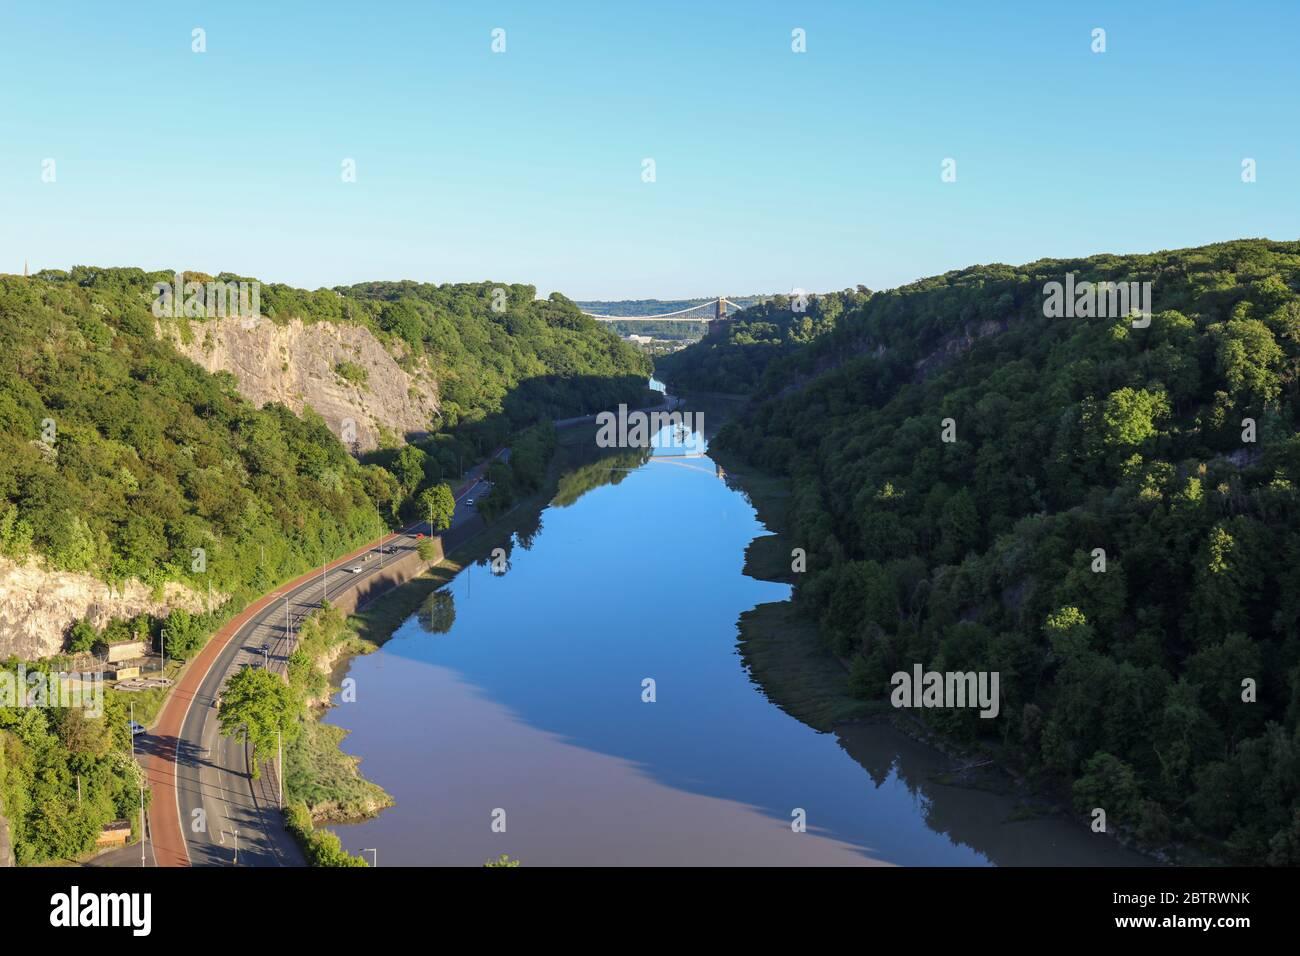 Río Avon en el desfiladero de Bristol con reflejo del puente colgante Brunel. REINO UNIDO Foto de stock